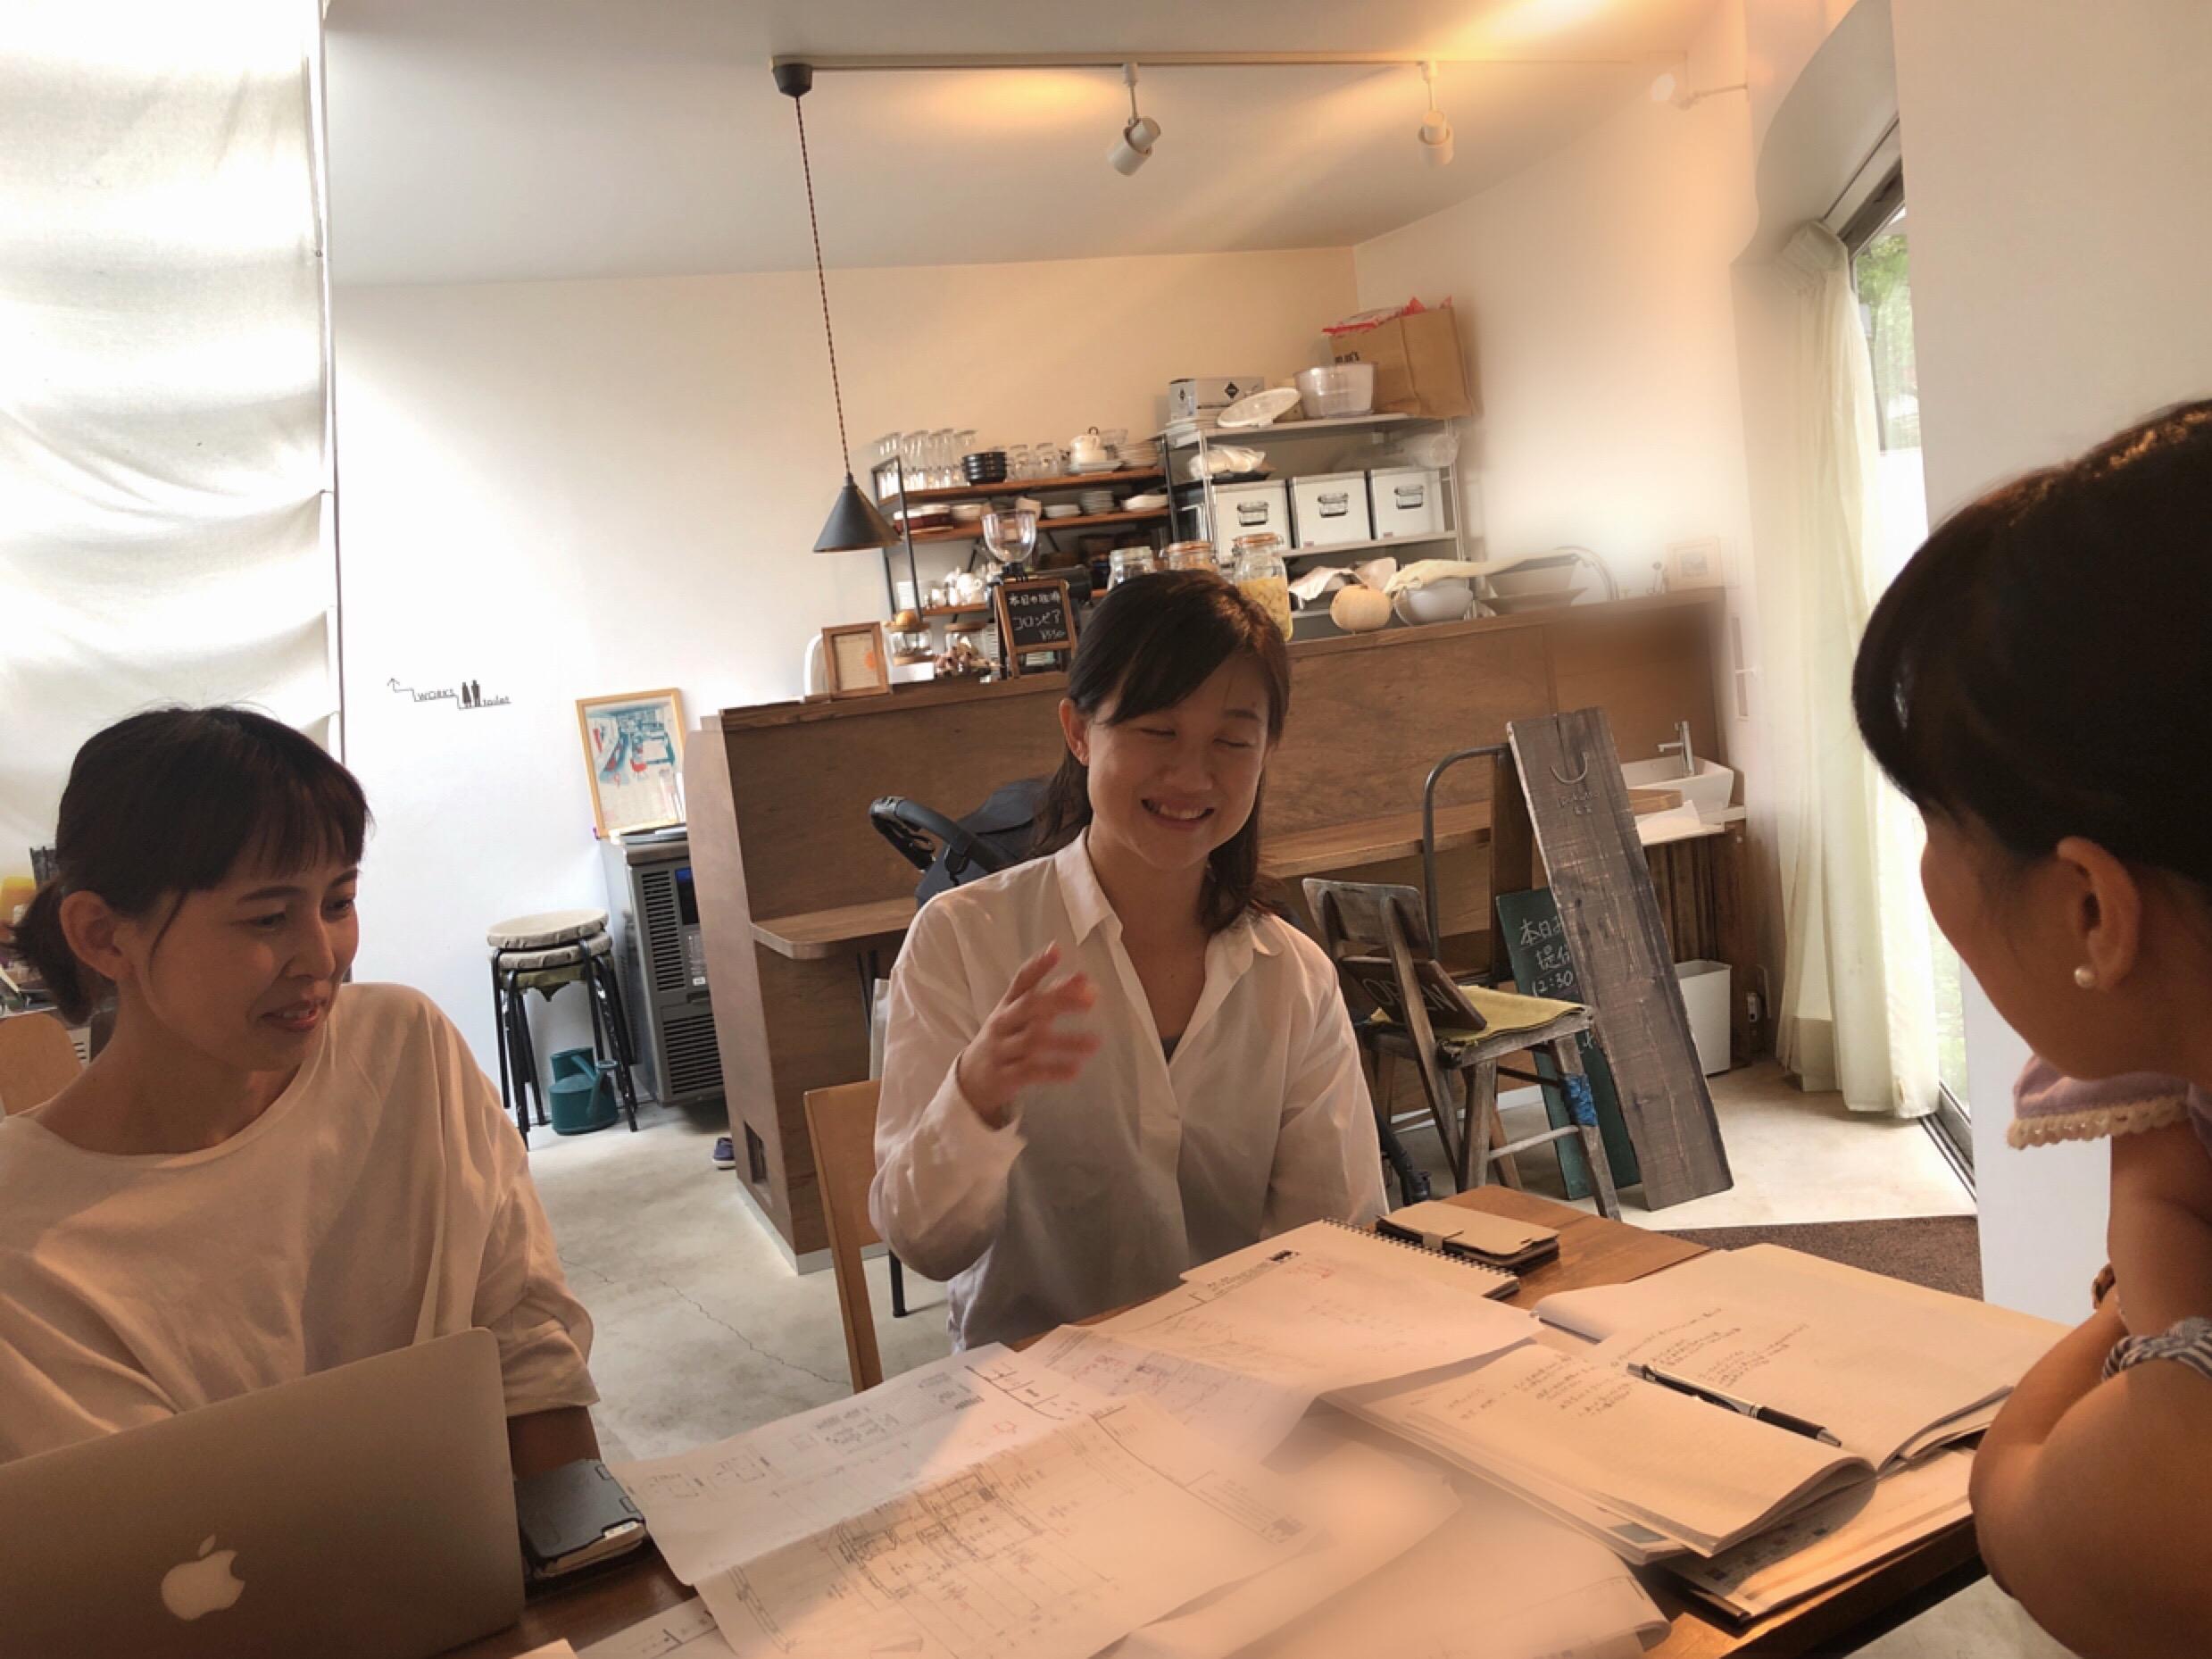 設計事務所の代表である舞さん(右)と千恵さん(左)